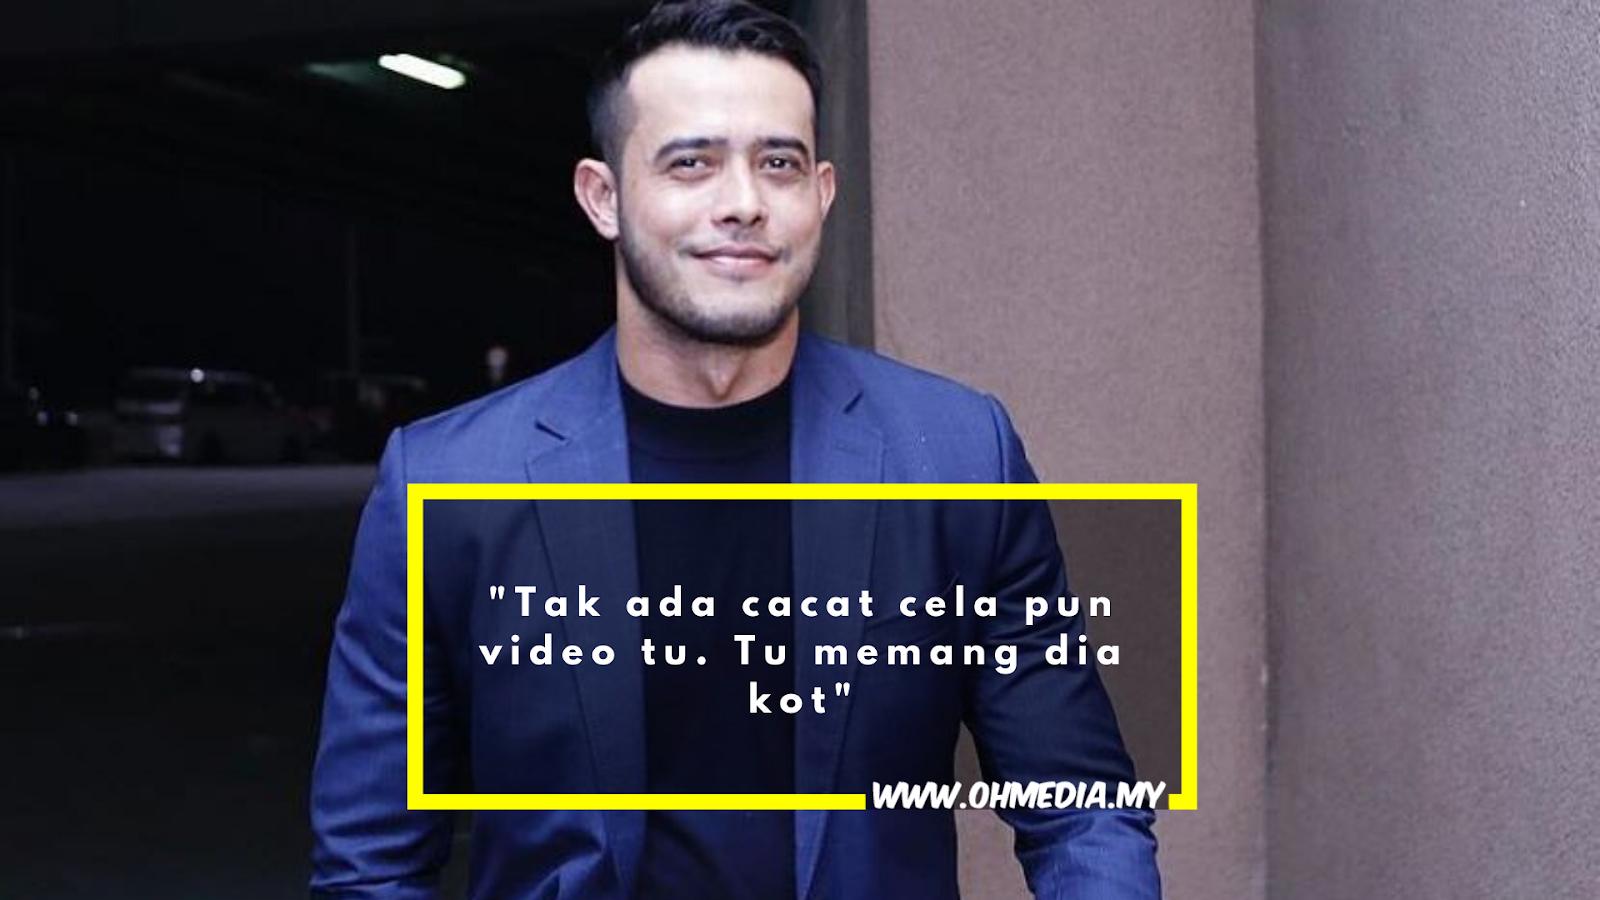 Video) Zul Ariffin Tutup Akaun Instagram Sebab Video Lucah